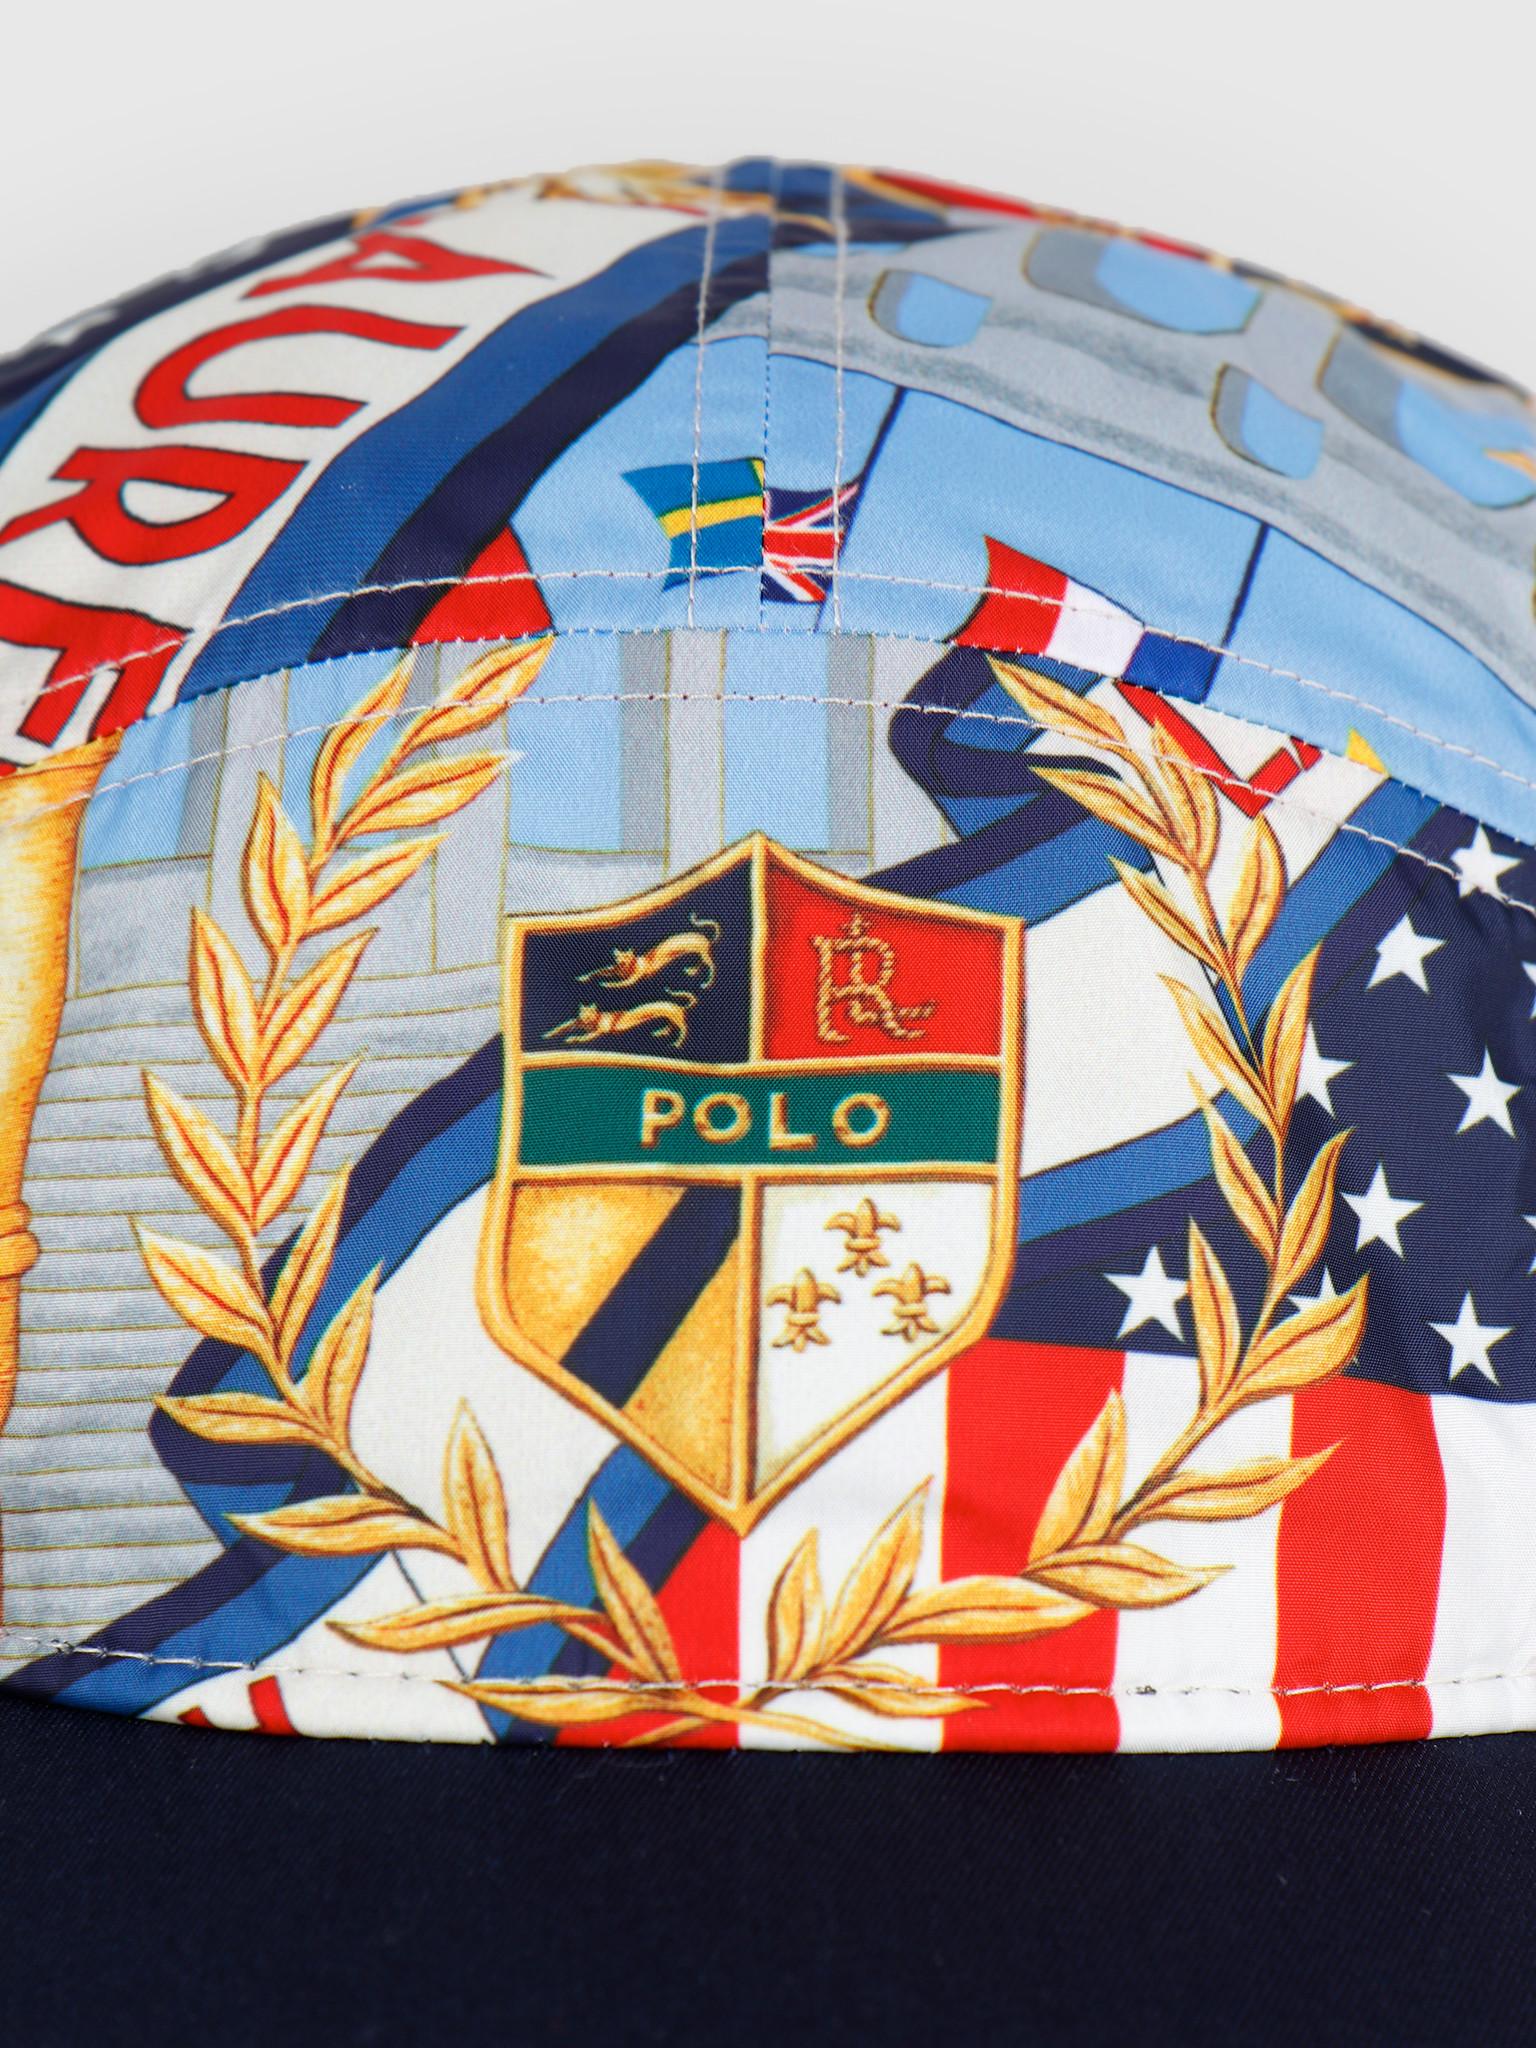 Polo Ralph Lauren Polo Ralph Lauren 5 Panel Long Bill Cap Multi 710746085001